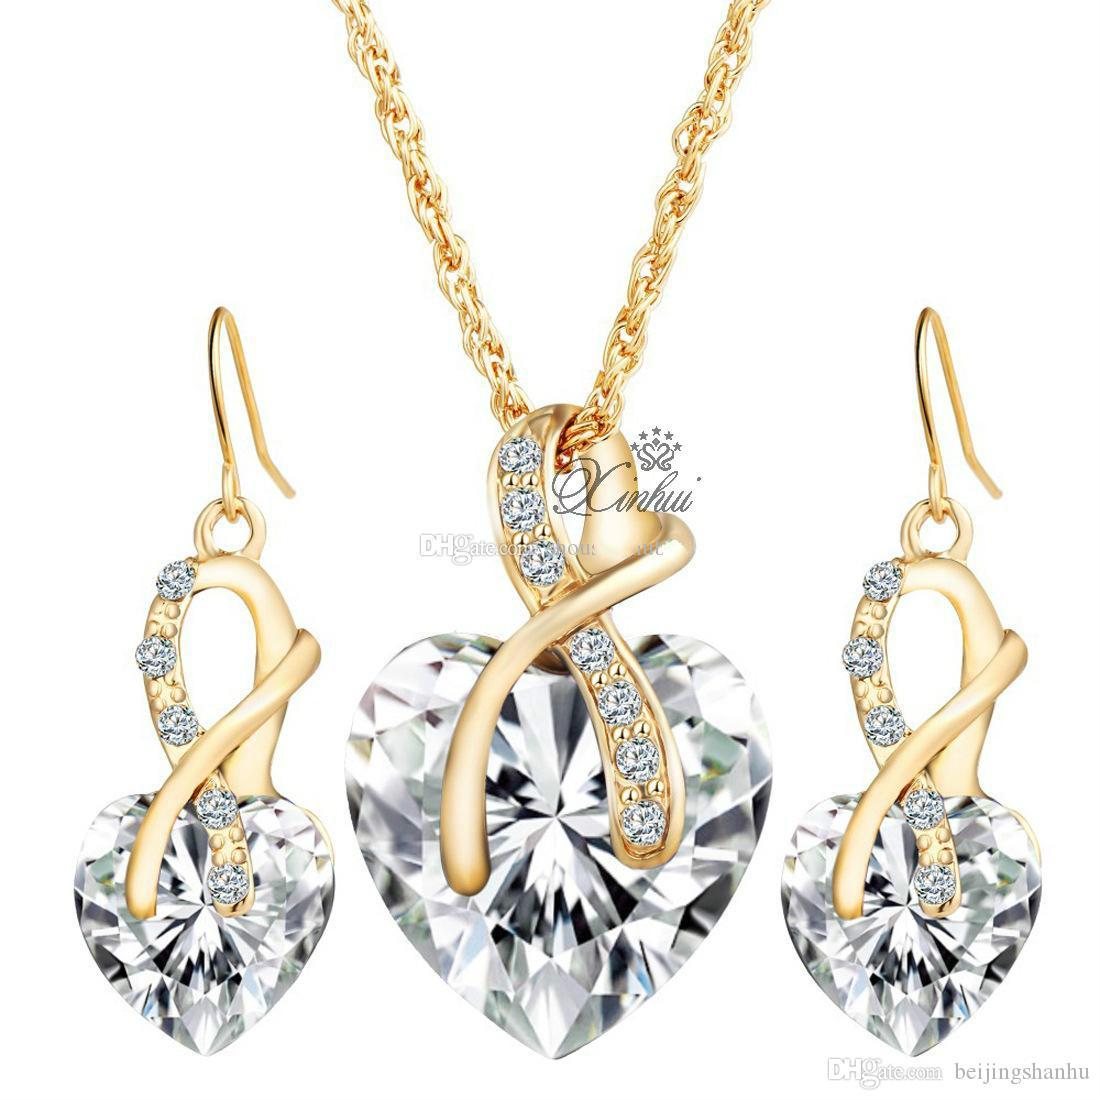 Внешняя торговля Европа и корейский свадебный ужин Premium в форме сердца австрийского хрусталя Zircon серьги в форме сердца ожерелье ювелирные изделия